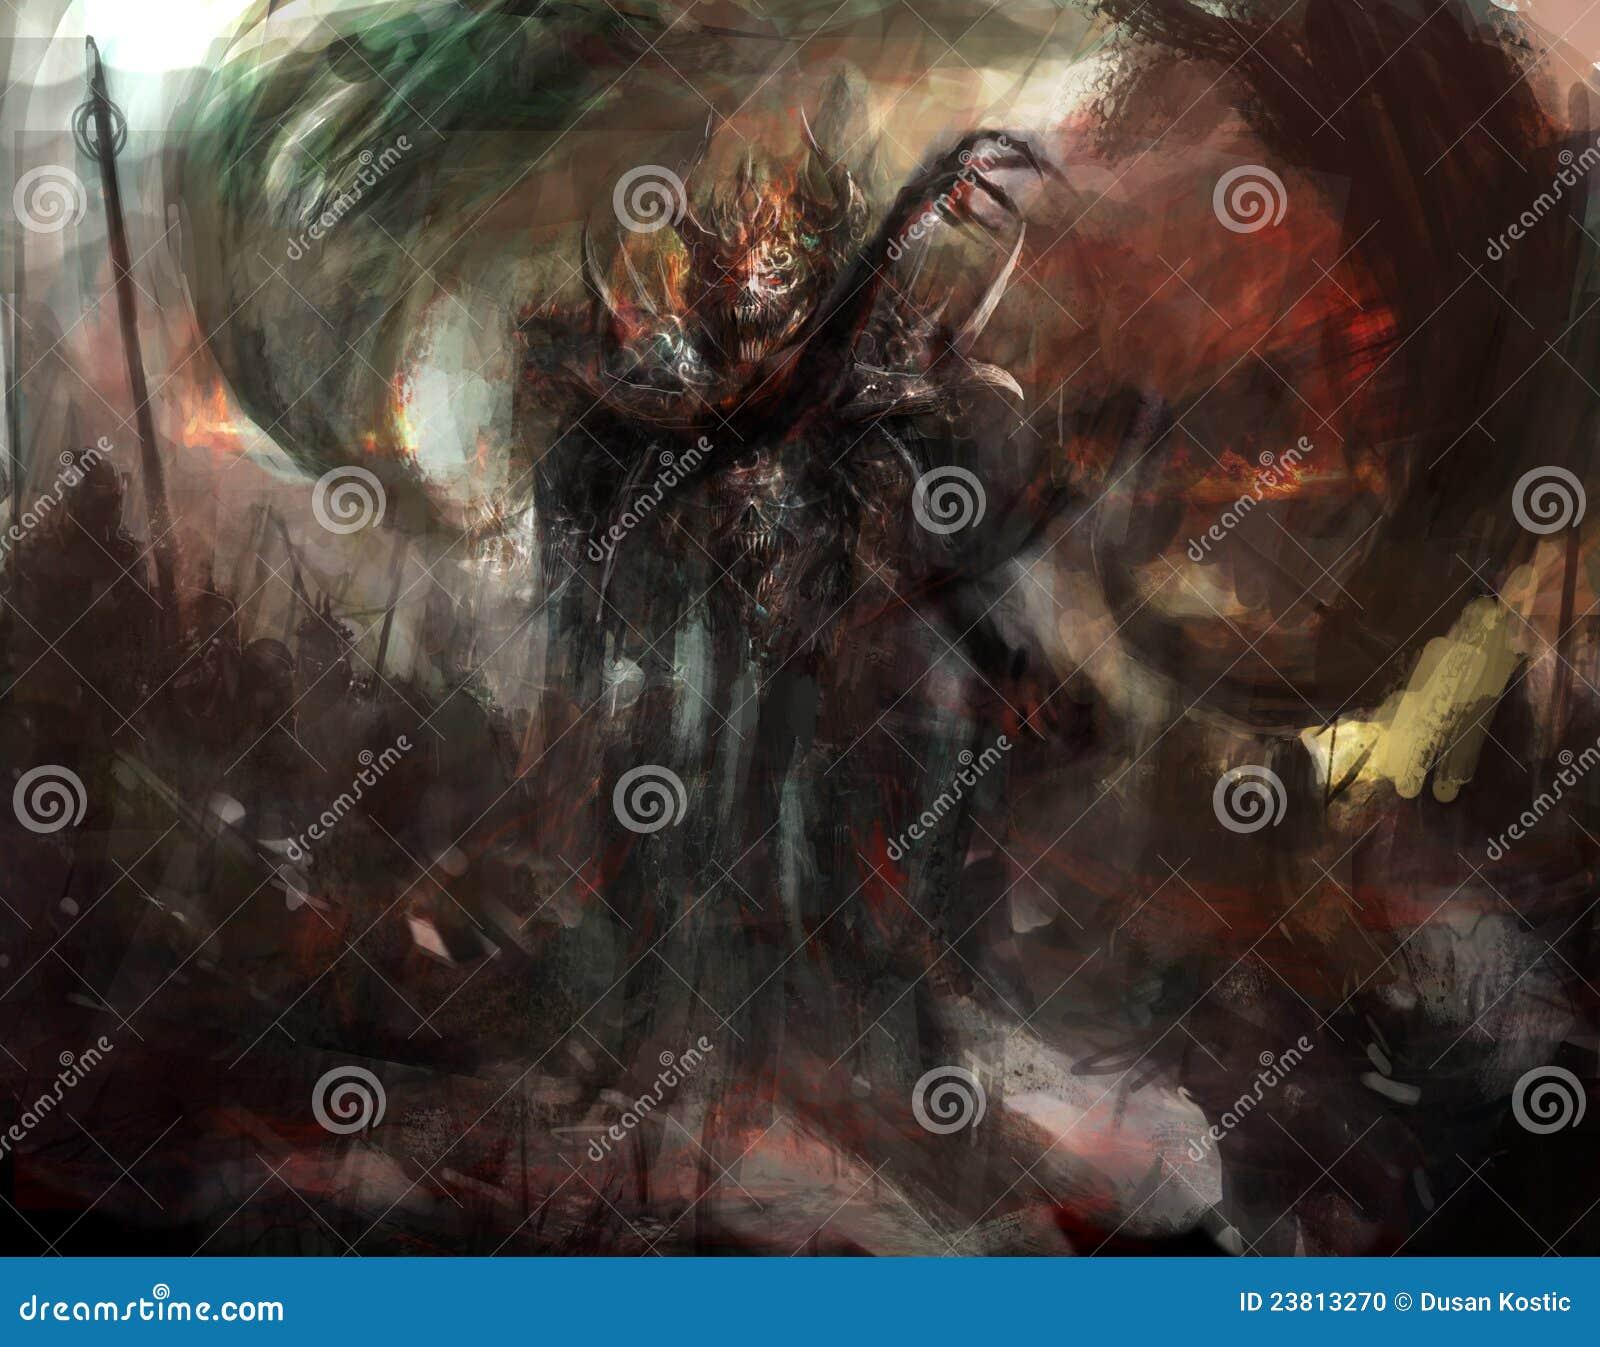 Sombra Demonic